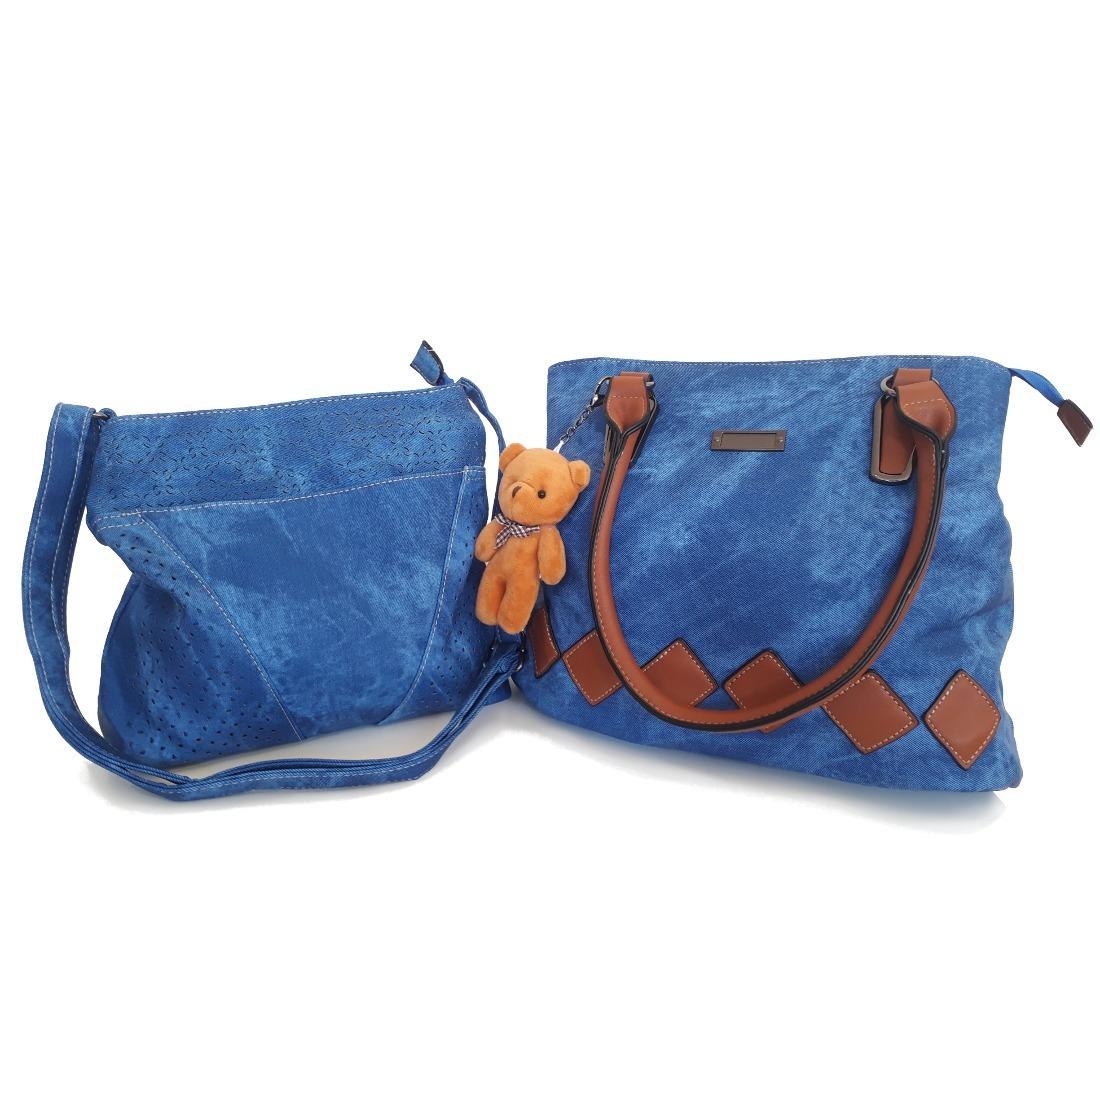 eae3f891fb kit 2 bolsas femininas importadas couro jeans lançamento. Carregando zoom.